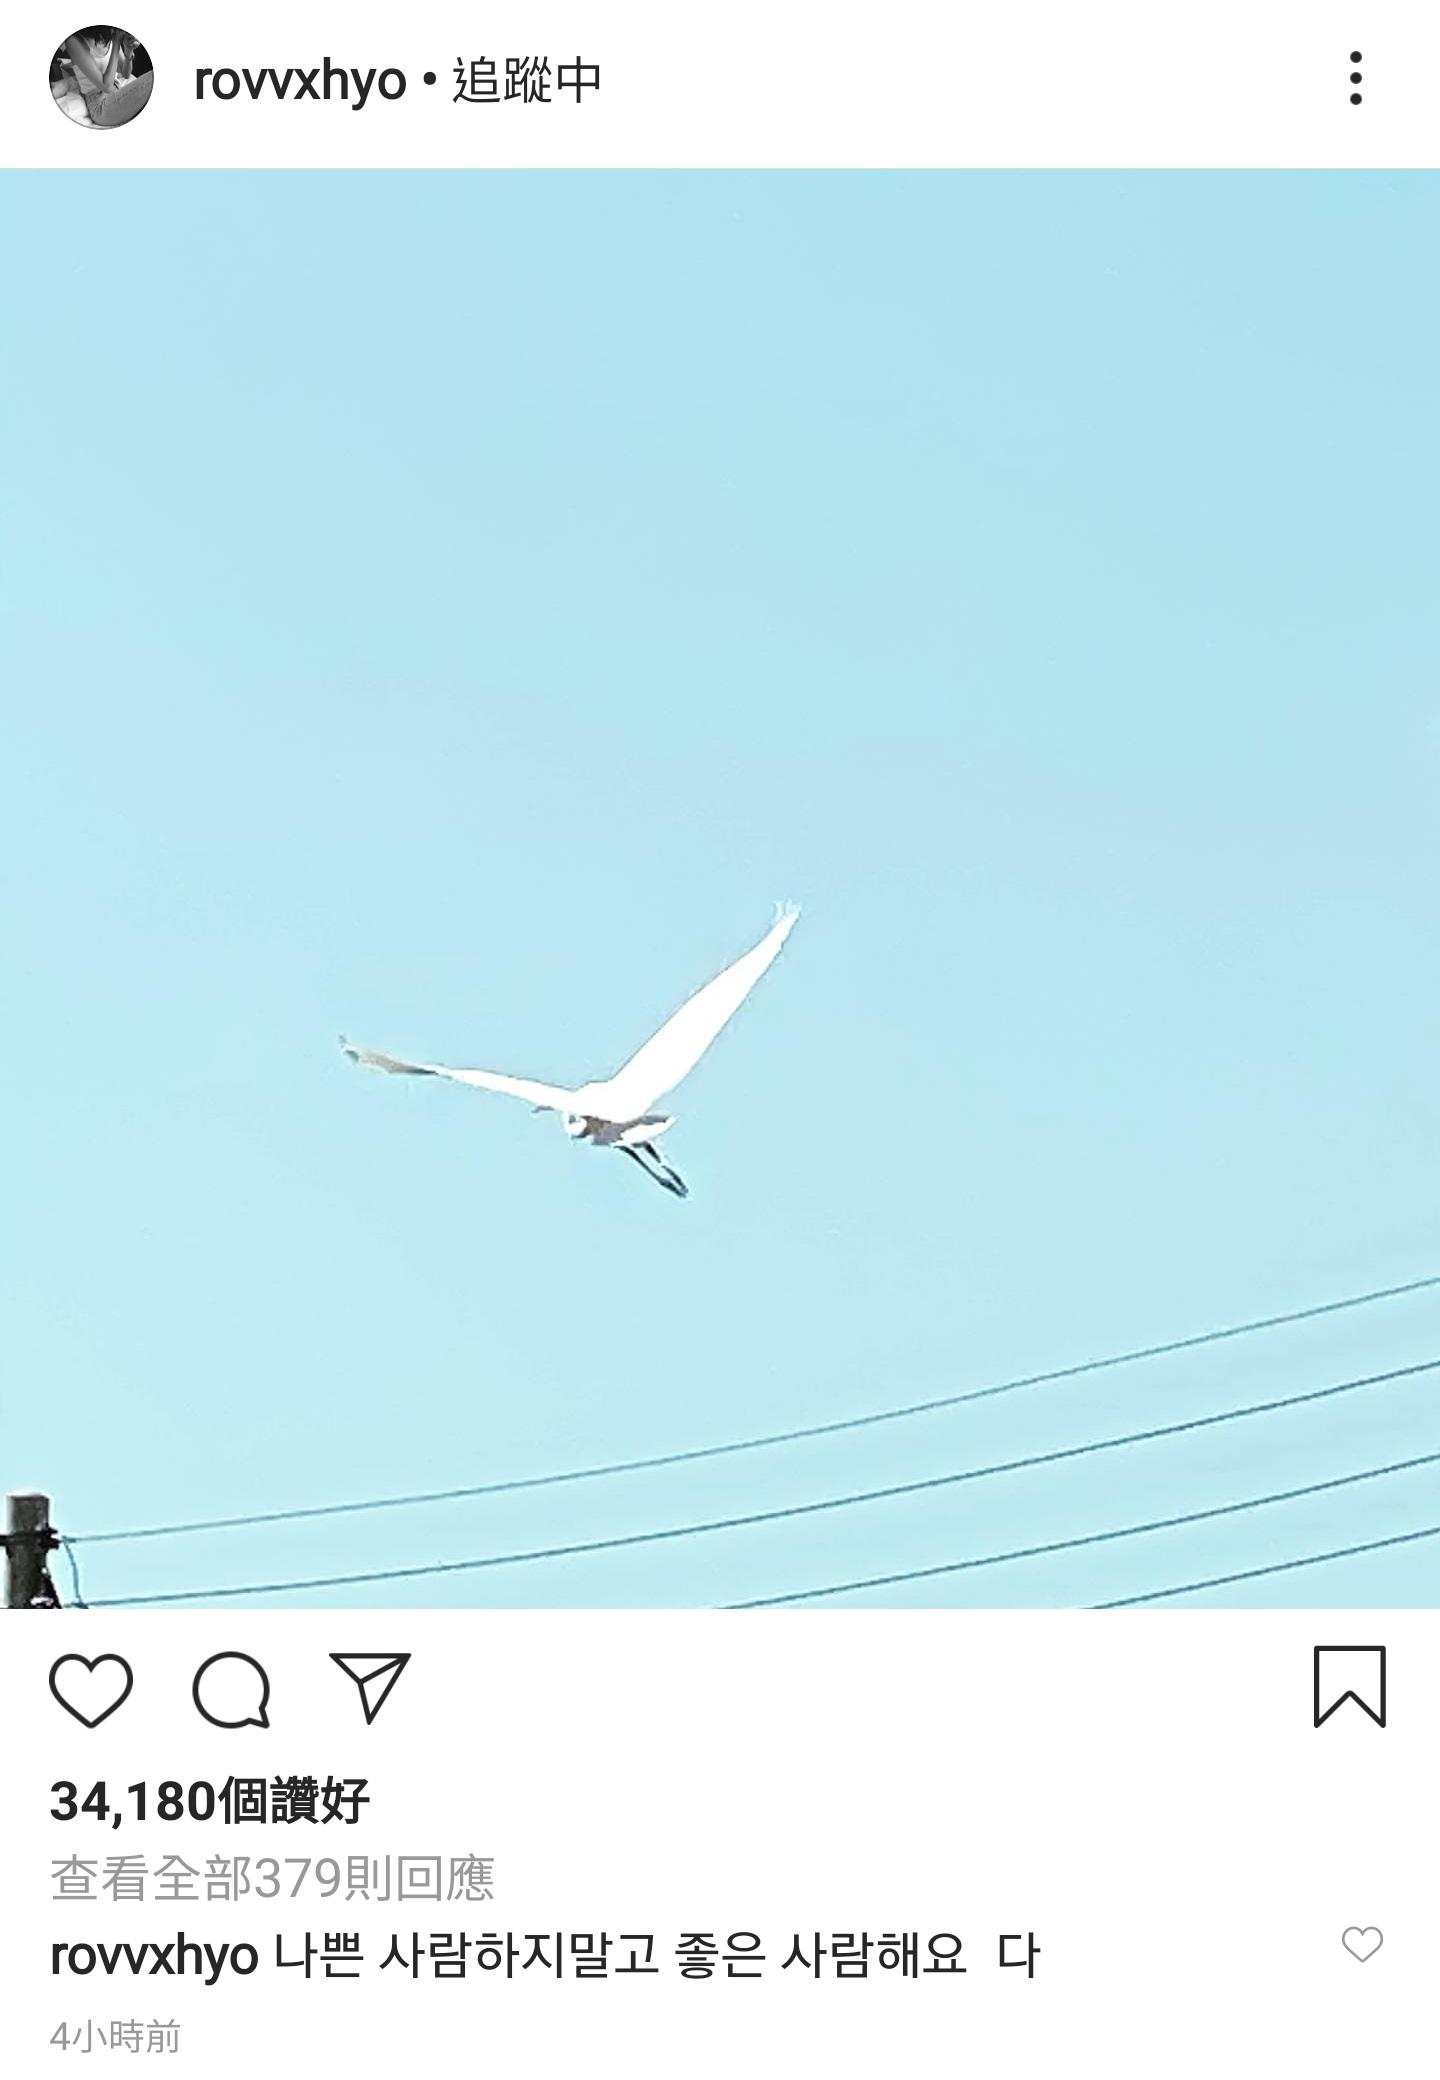 https://upload.cc/i1/2019/10/15/ePU5r7.jpg